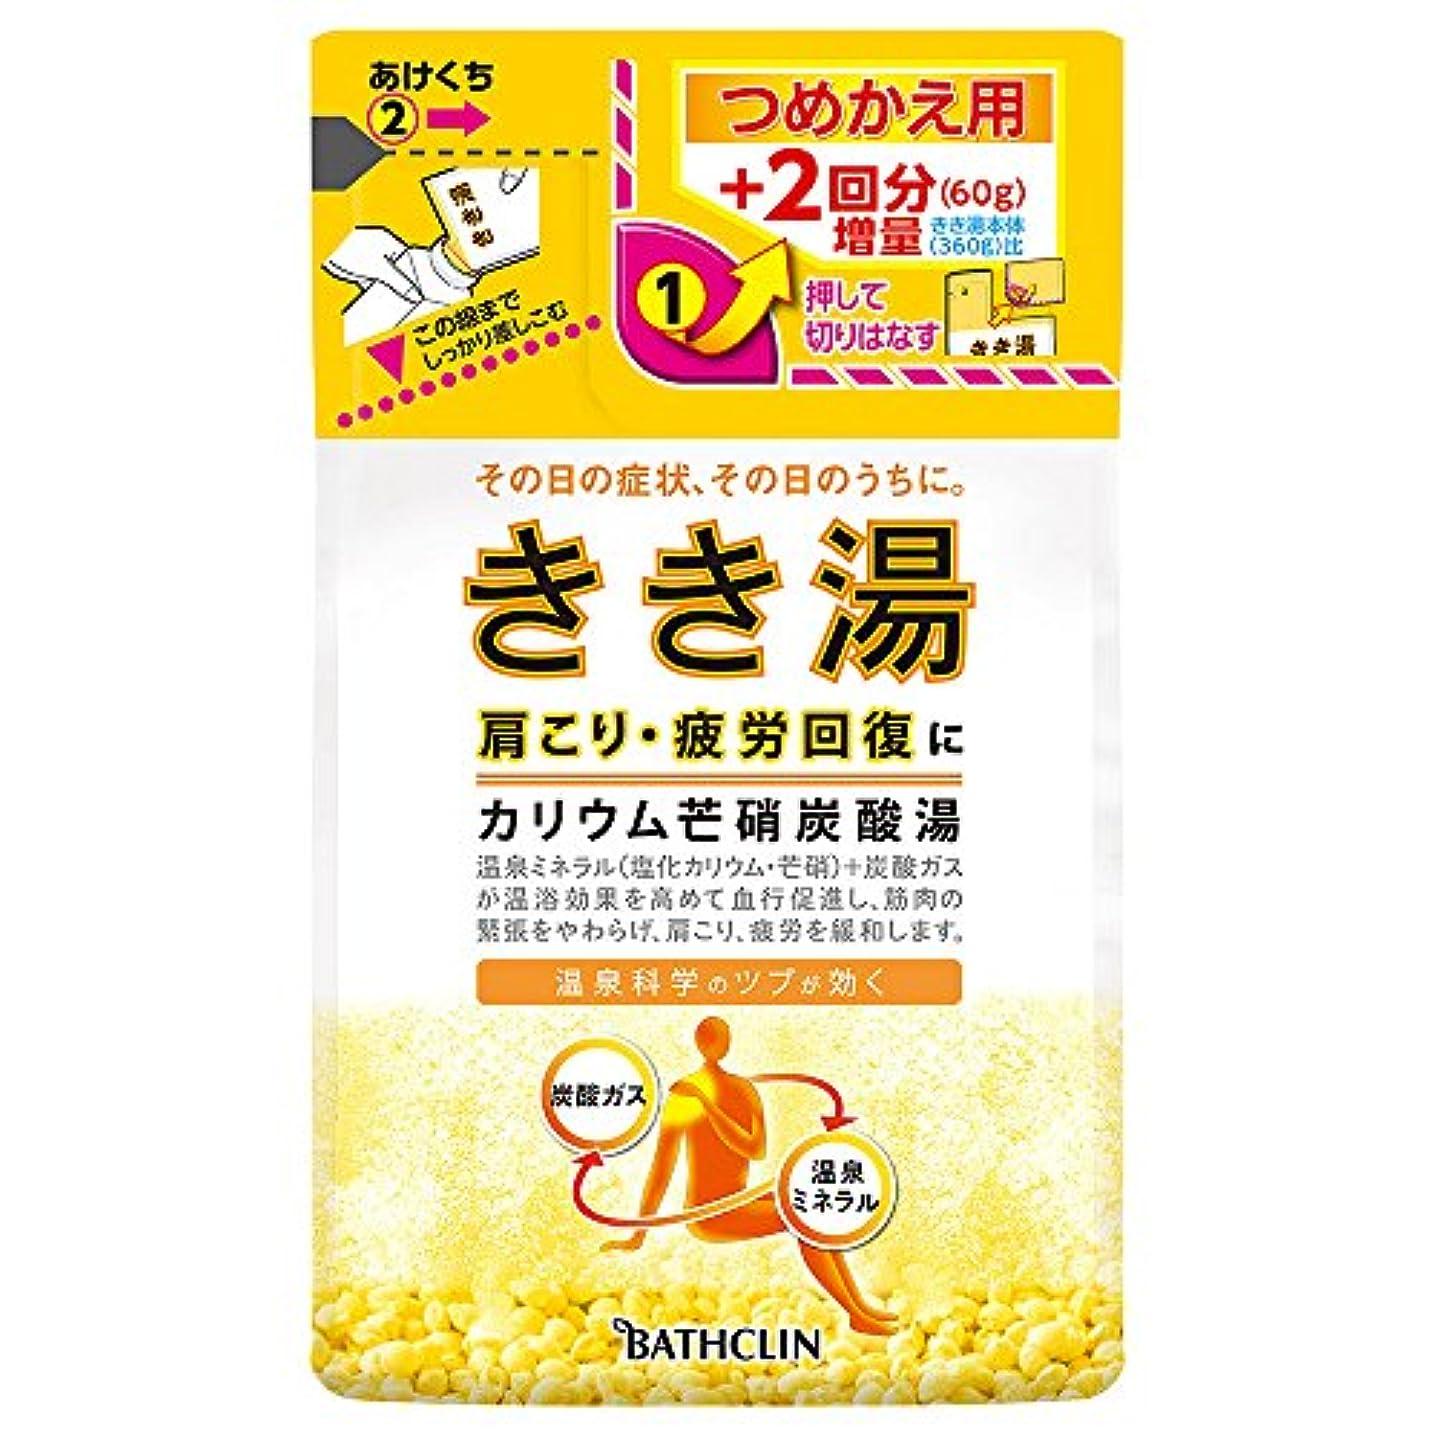 講師わずかな注釈きき湯 カリウム芒硝炭酸湯 つめかえ用 420g 入浴剤 (医薬部外品)